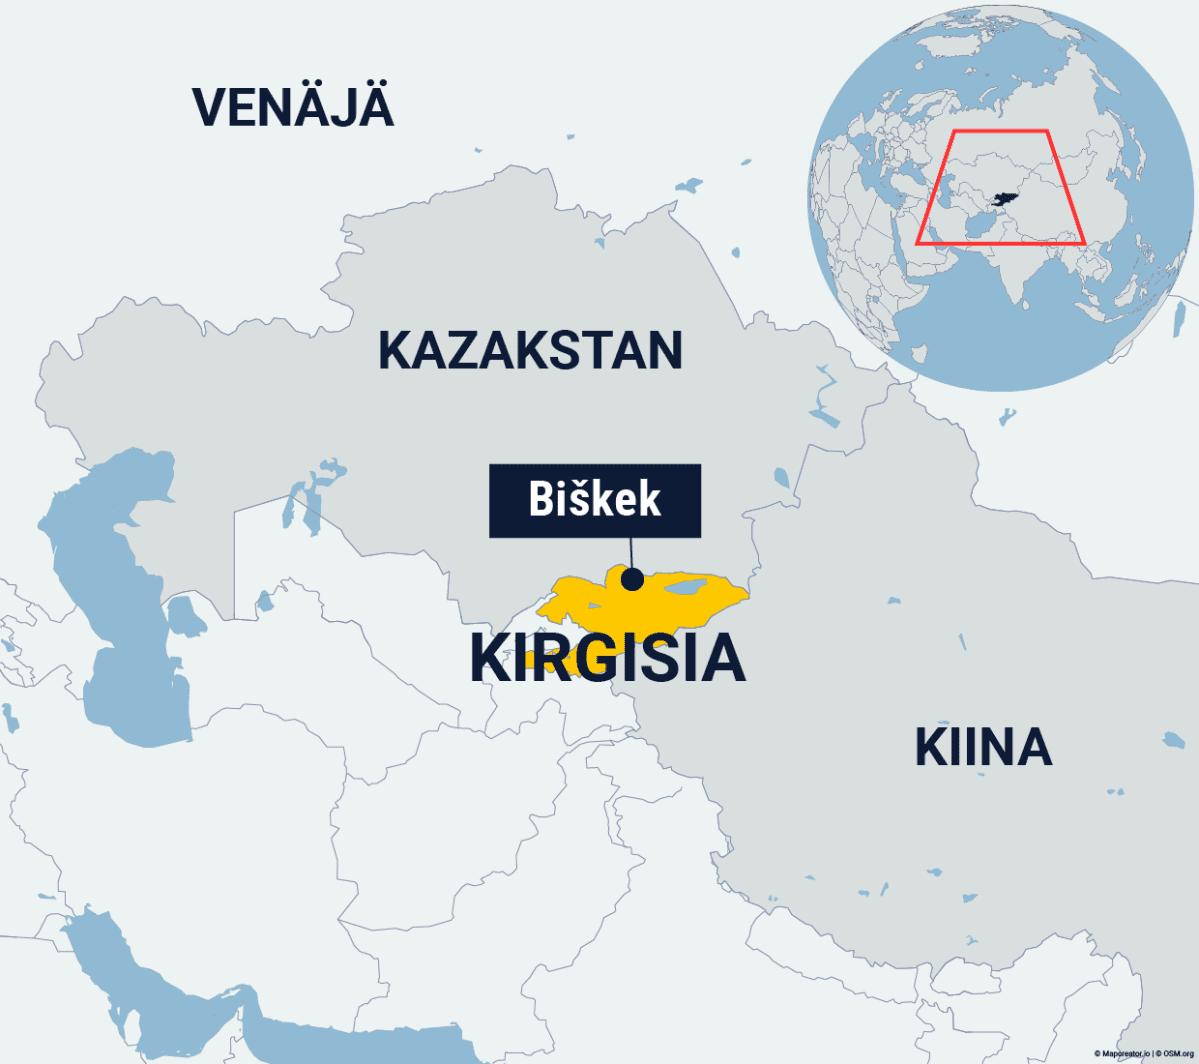 Kirgisian ja pääkaupunki Biškekin sijainti kartalla.